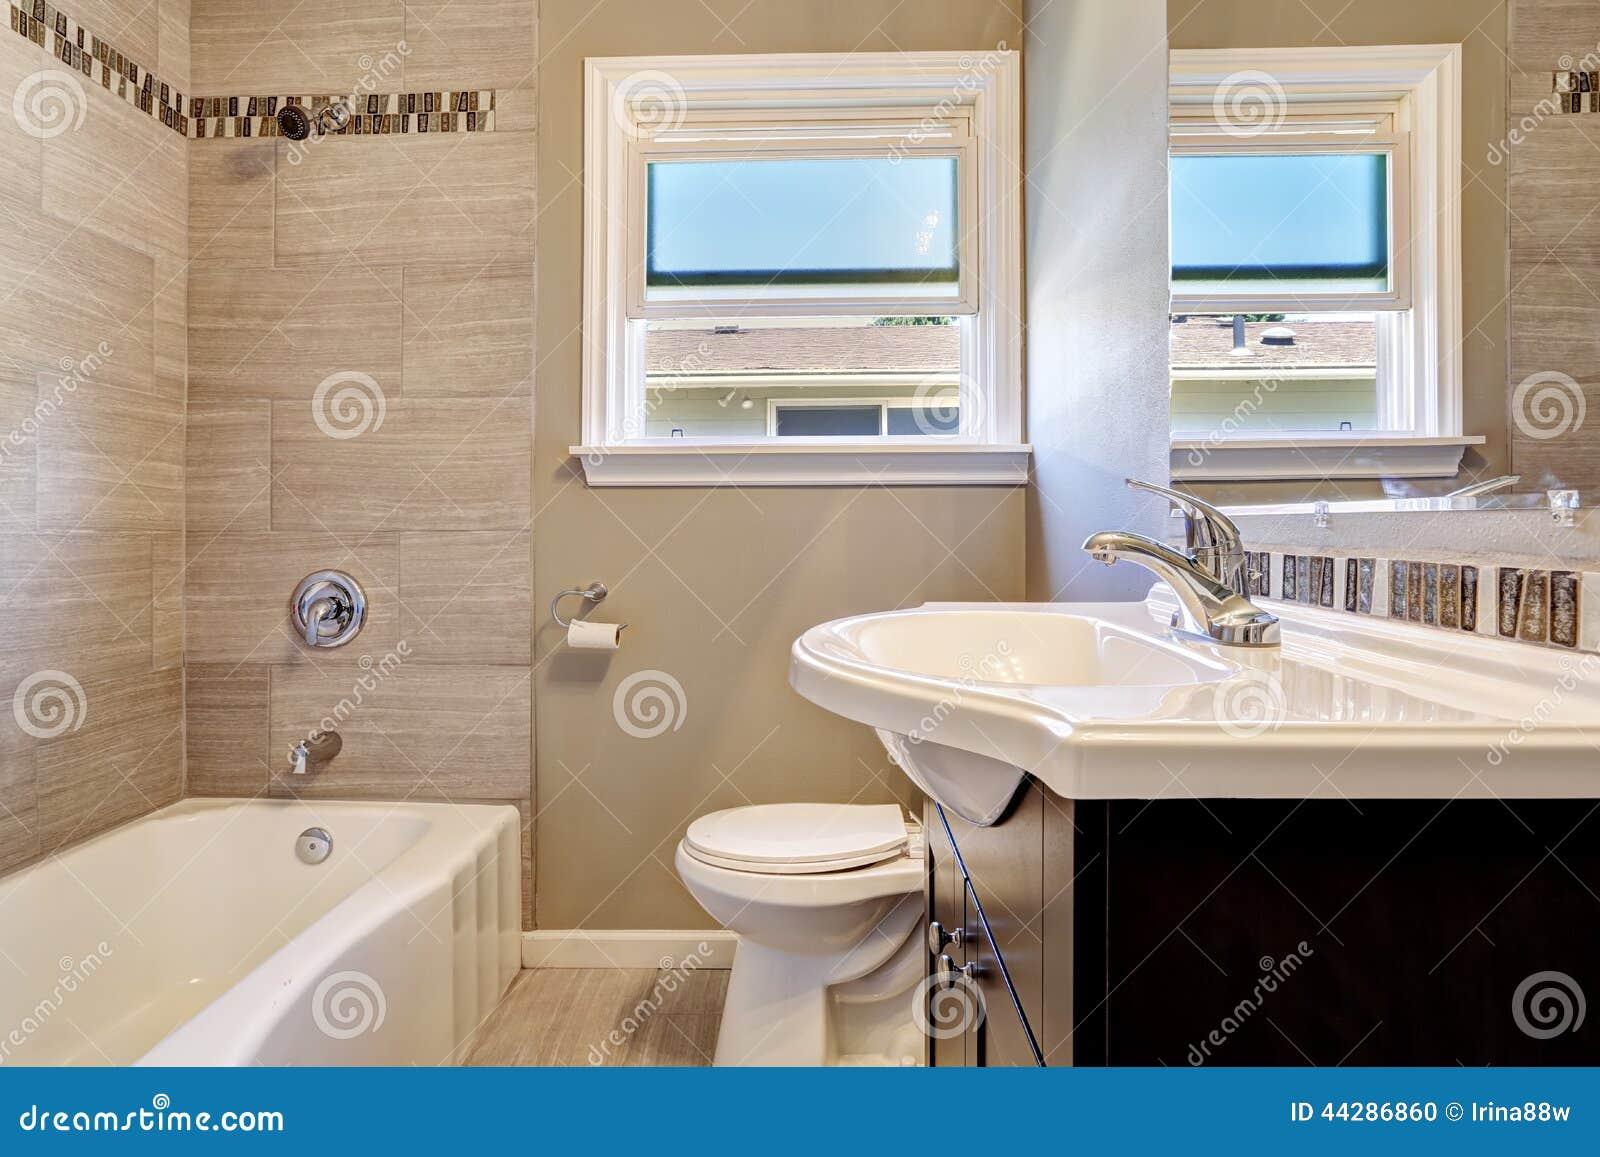 Int rieur vide de salle de bains avec l 39 quilibre de mur for Interieur salle de bain moderne